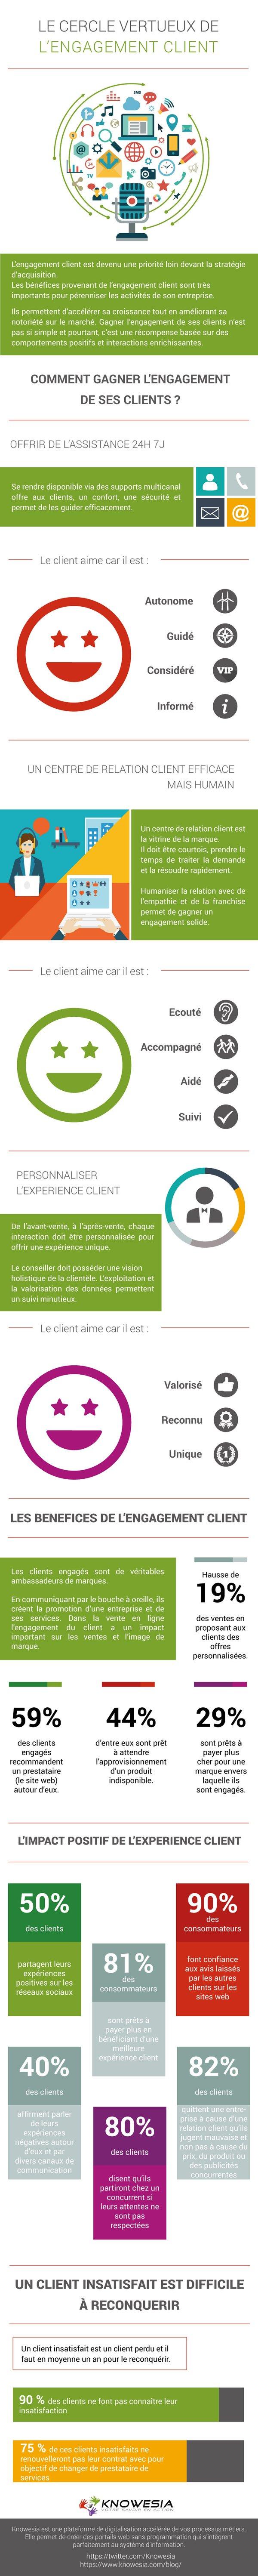 Comment générer l'engagement client